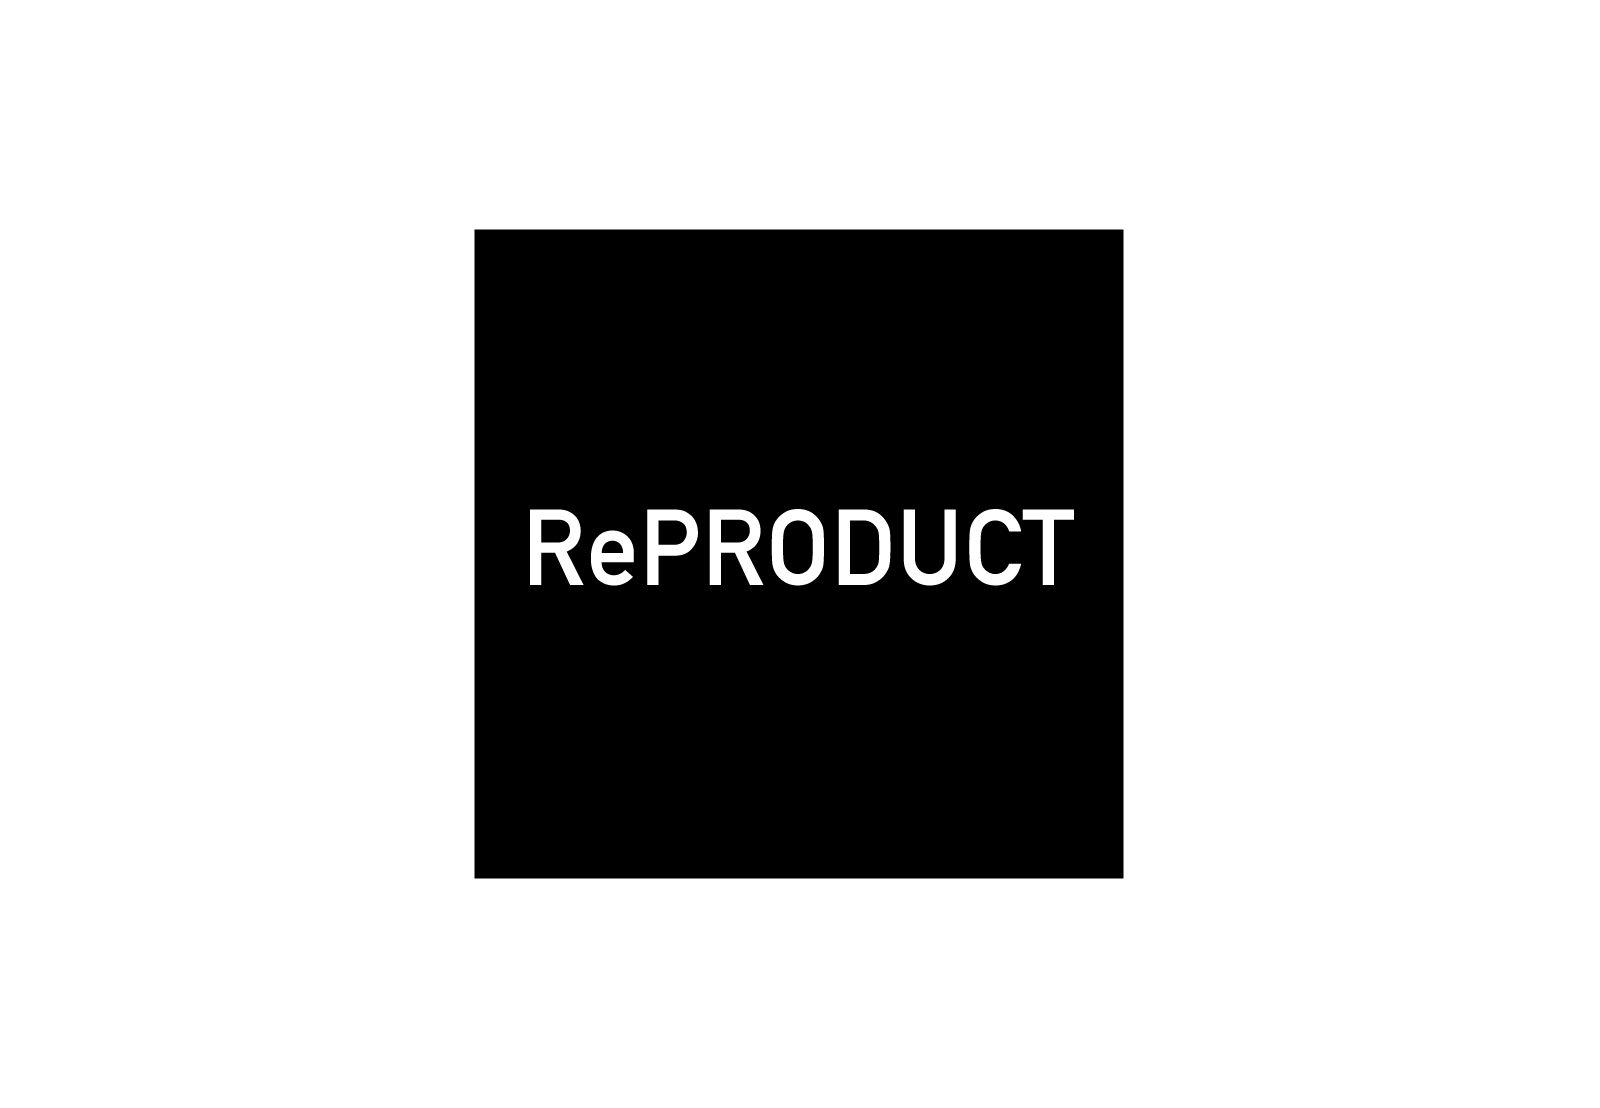 リプロダクト商品 商品一覧